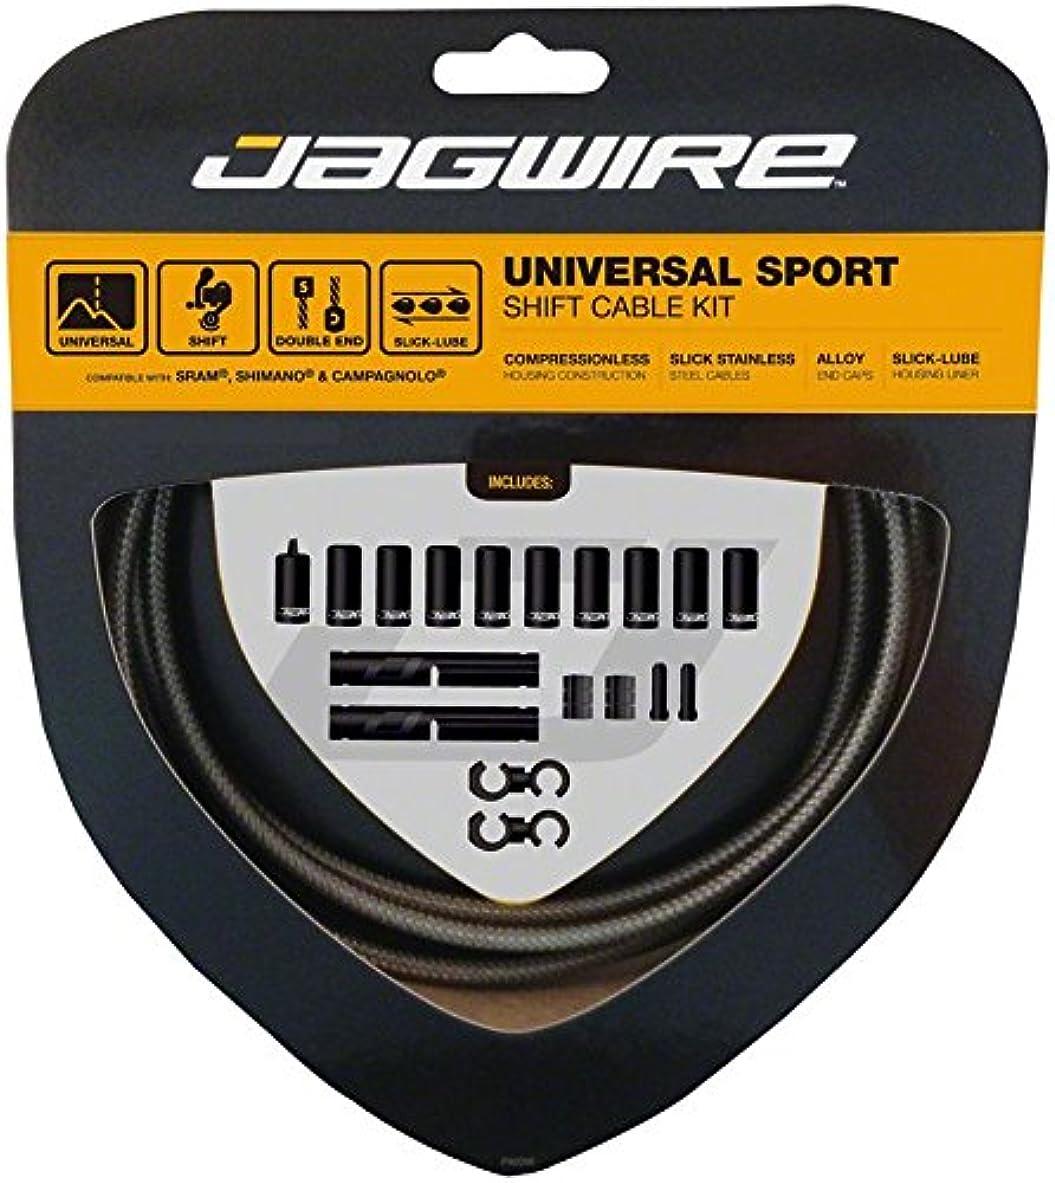 類似性覗くショッピングセンターJagwireユニバーサルスポーツシフトケーブルキットFits Sram / ShimanoとCampagnolo、カーボンシルバー